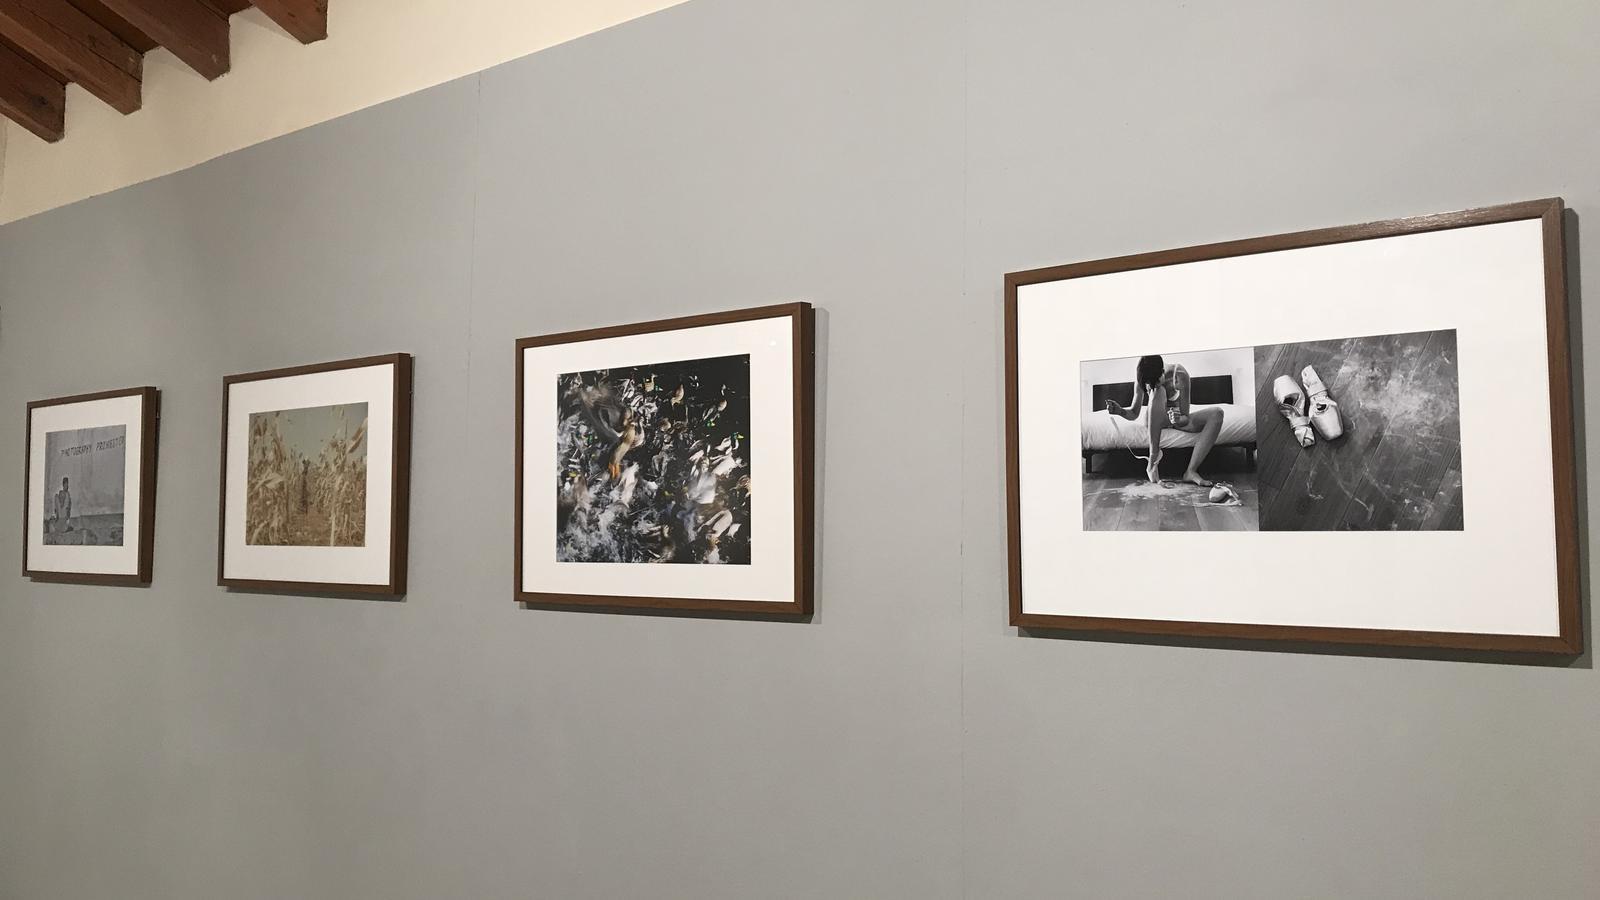 La mirada de 40 fotògrafs configura una mostra de la fotografia contemporània a les illes